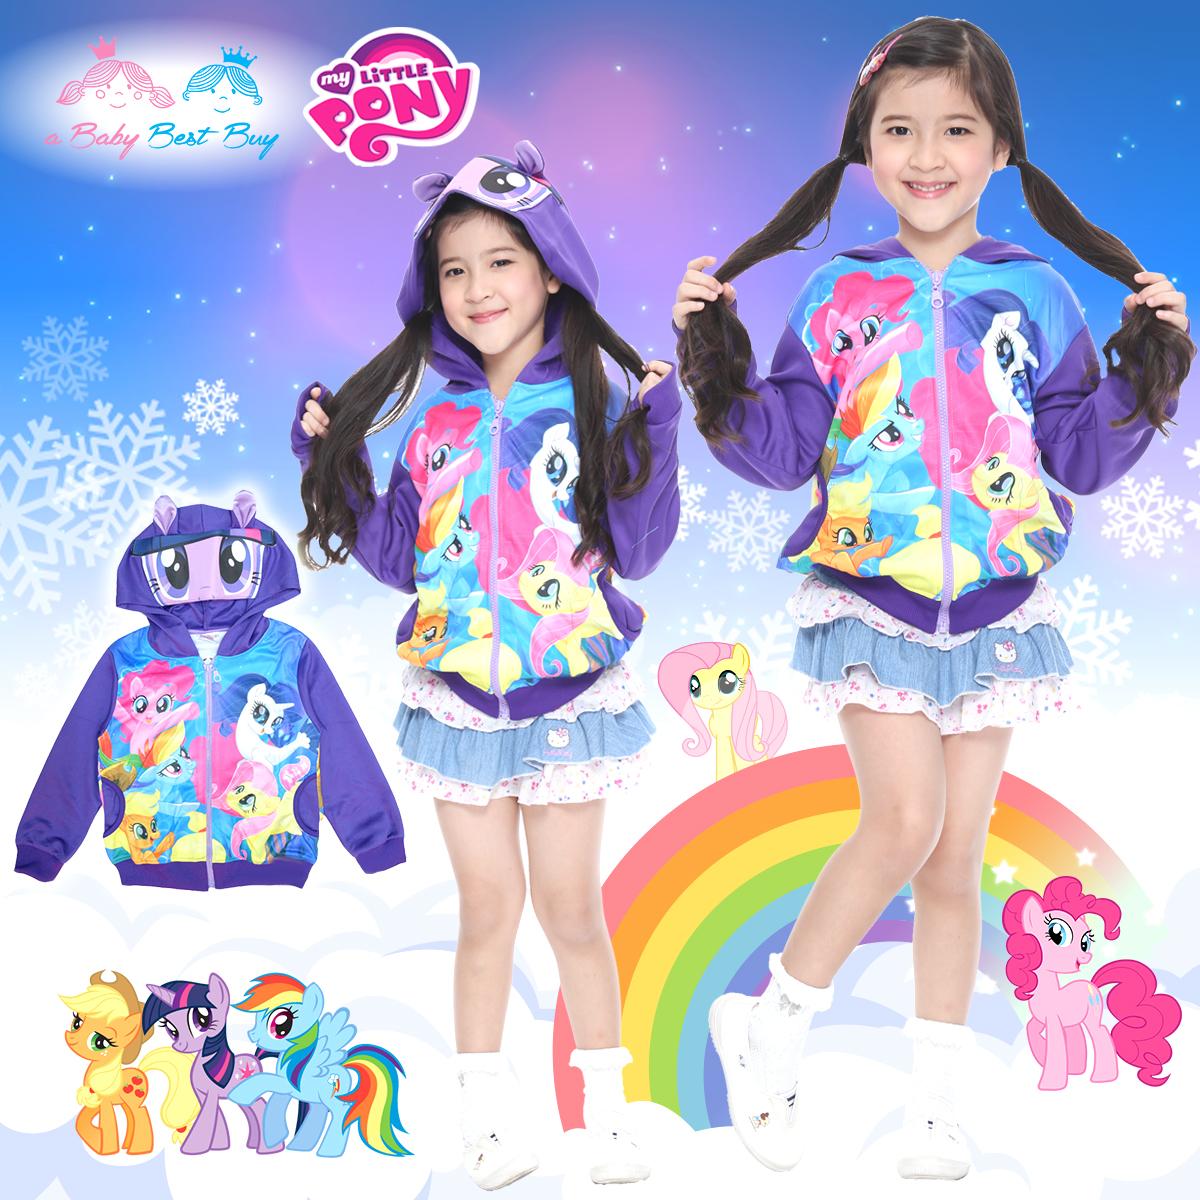 """"""" (Size S-M-L-XL ) Jacket My Little Pony เสื้อแจ็คเก็ต เสื้อกันหนาว แขนยาว เด็กผู้หญิง สกรีนลายมายลิตเติ้ลโพนี่ รูดซิป มีหมวก(ฮู้ด) ใส่คลุมกันหนาว กันแดด ใส่สบาย ลิขสิทธิ์ฮาสโบแท้ โพนี่แท้"""